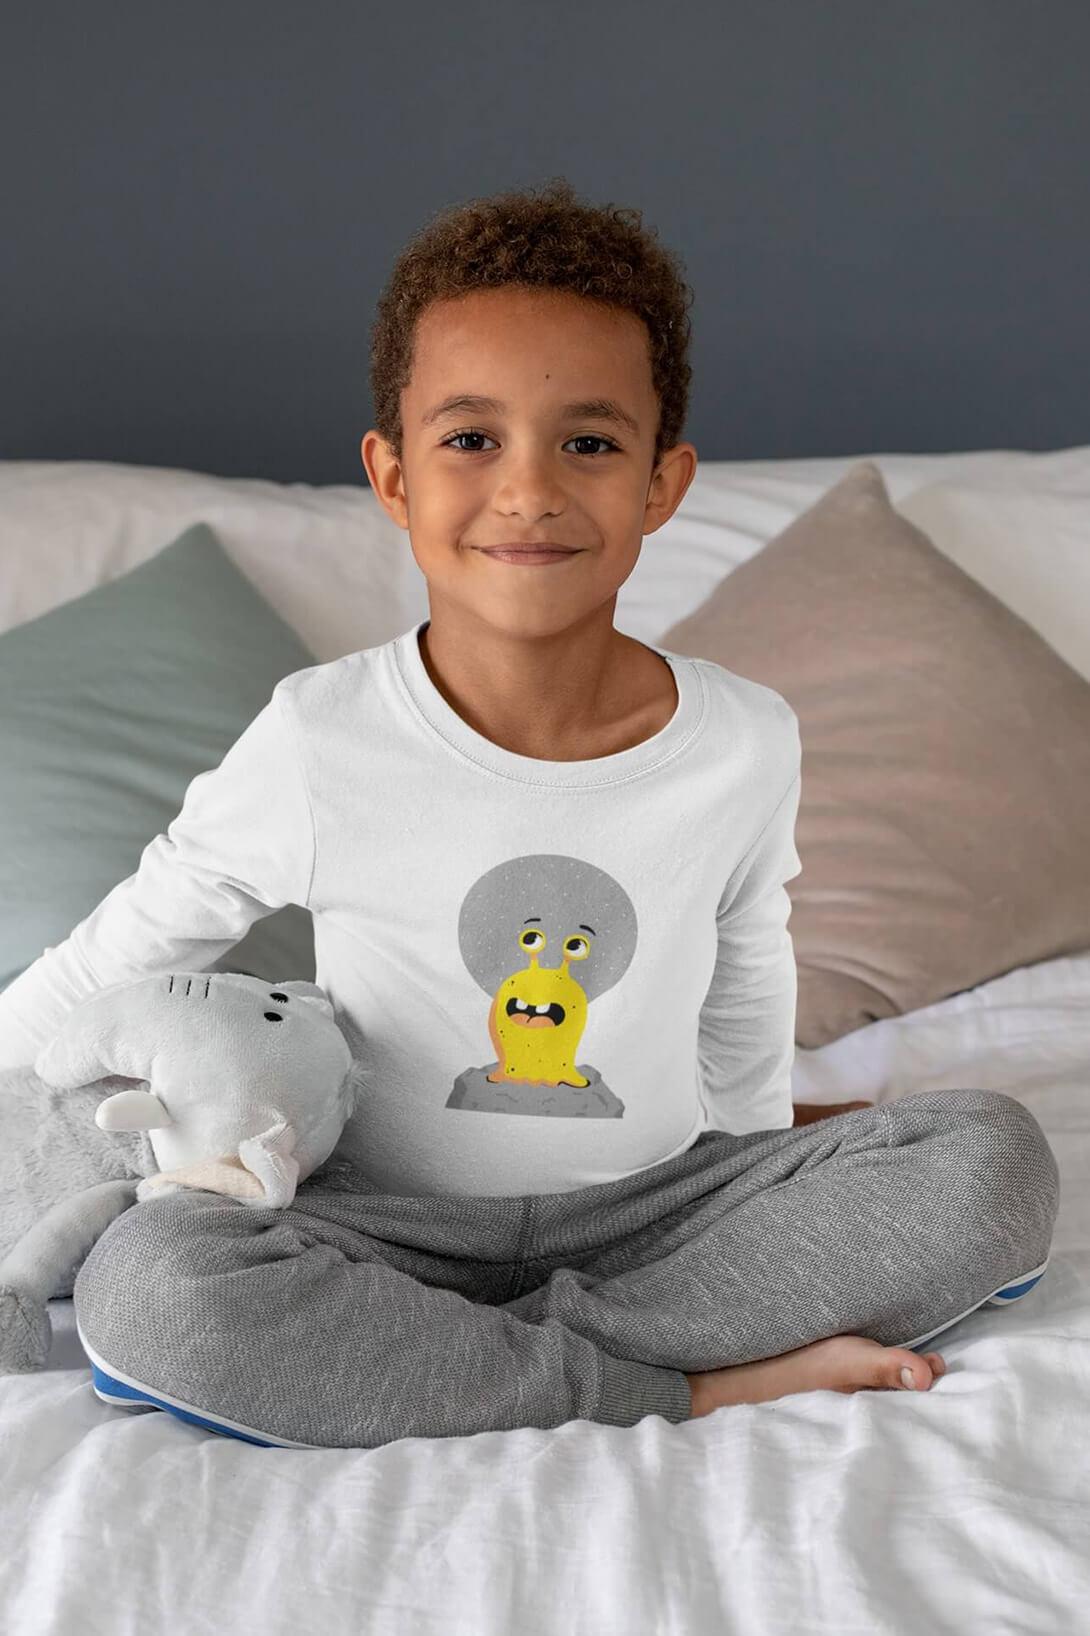 MMO Detské tričko s dlhým rukávom Slimák Vyberte farbu:: Biela, Detská veľkosť: 158/12 rokov